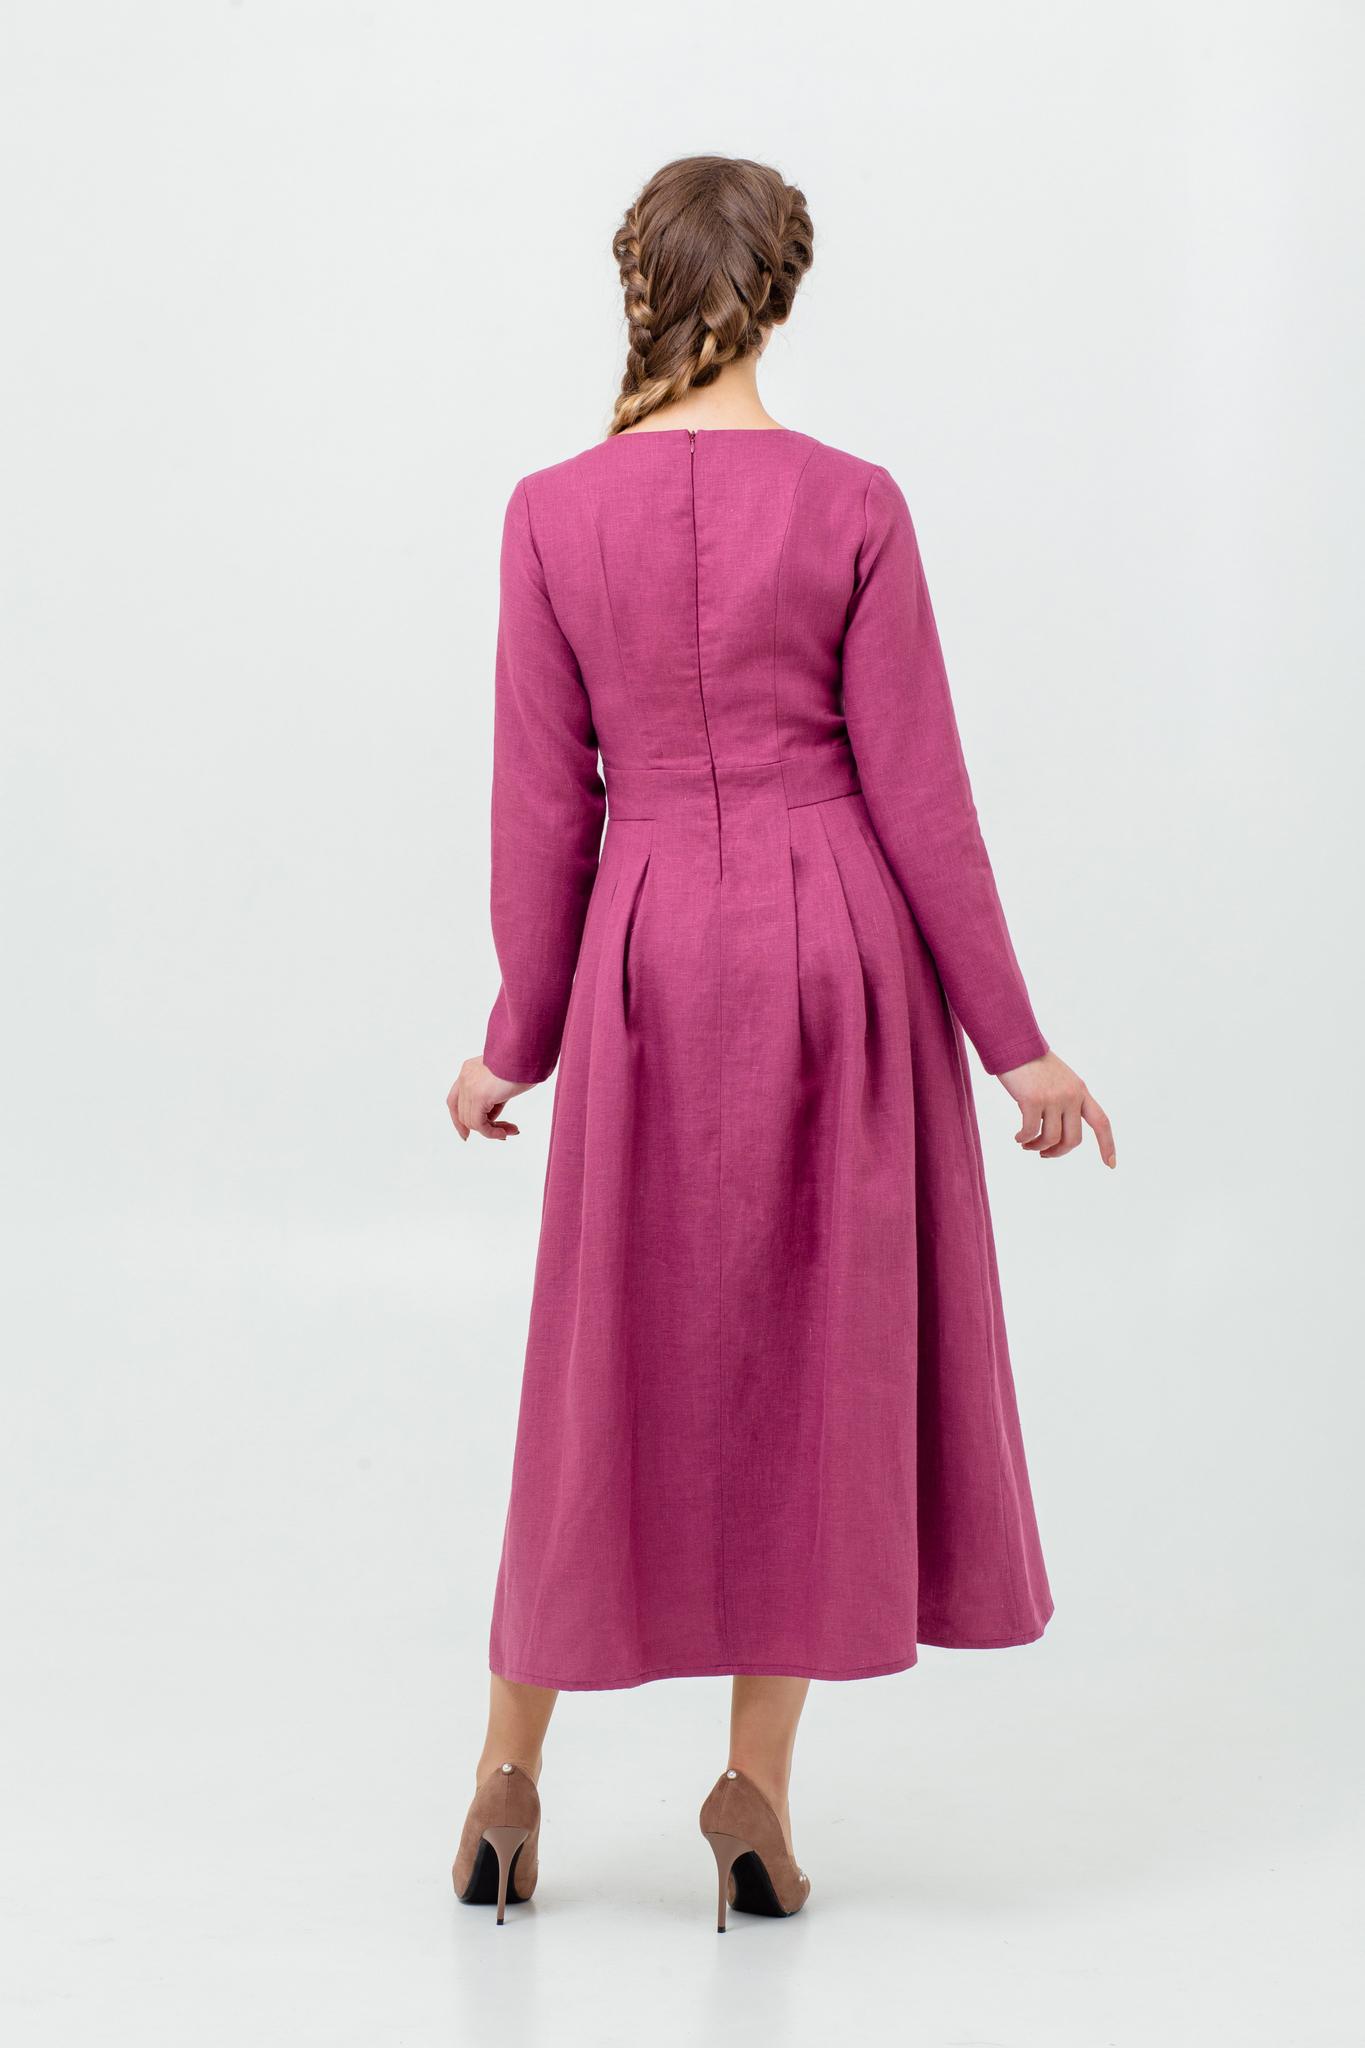 Платье льняное в русском стиле Ежевика